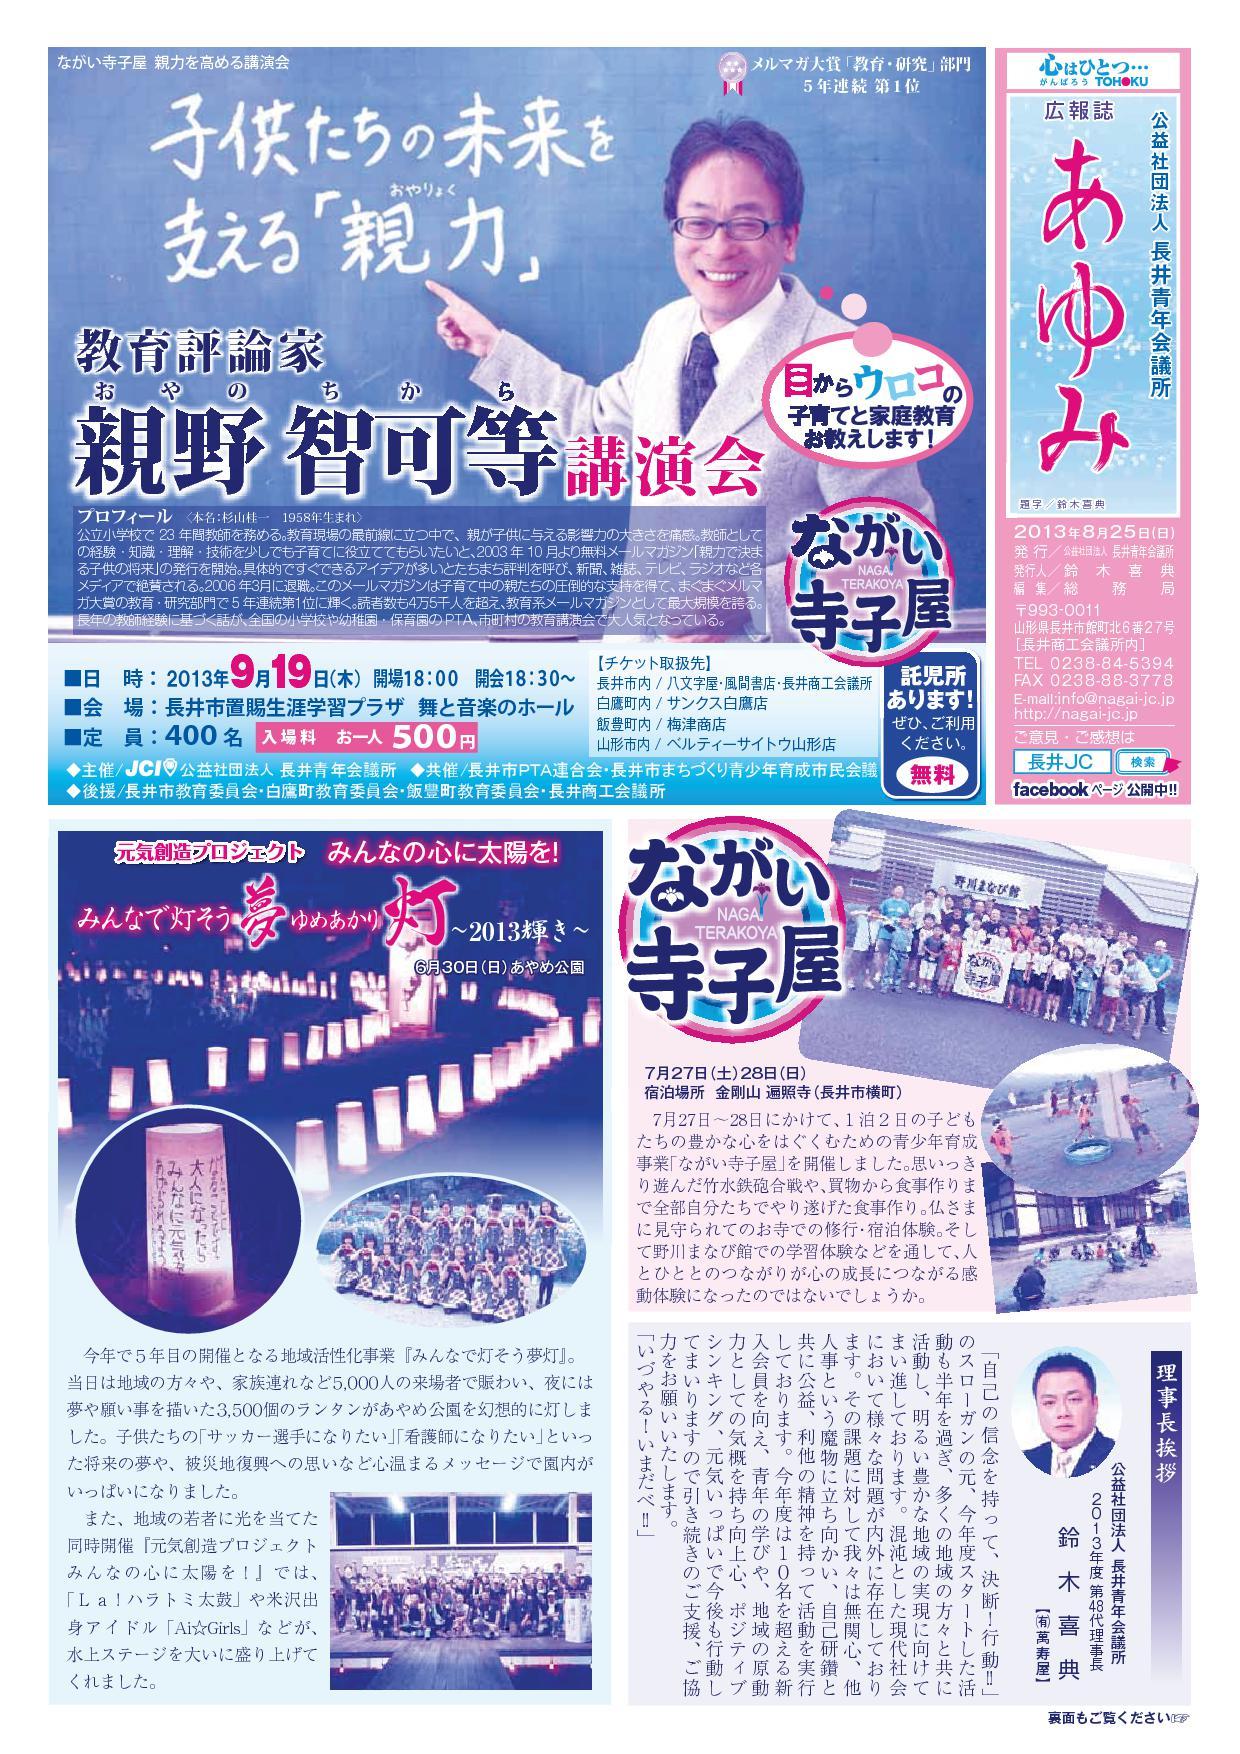 8/25(日) 新聞折込【広報誌あゆみ】 表面:画像